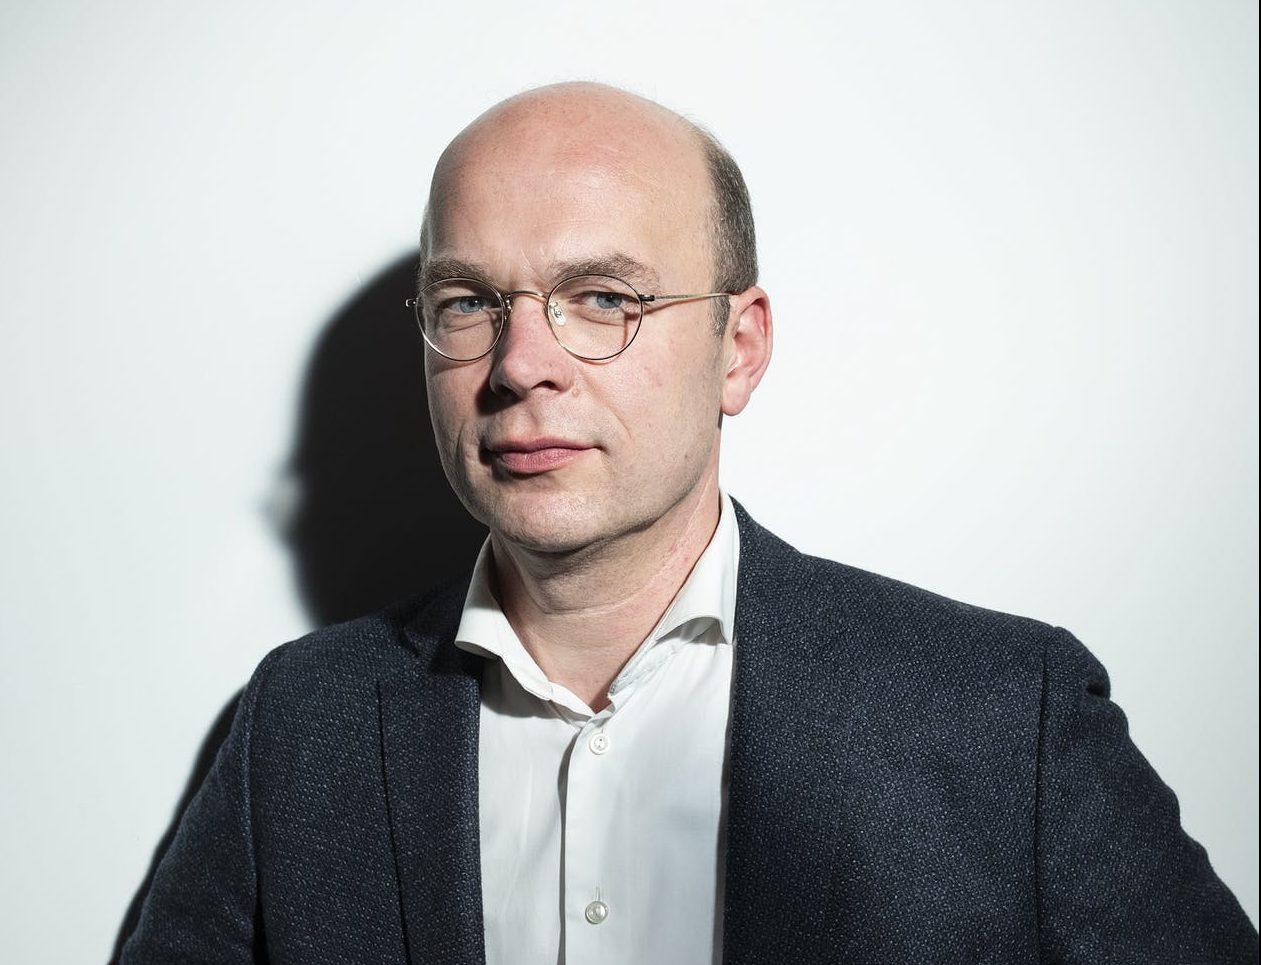 Roeland van Delden